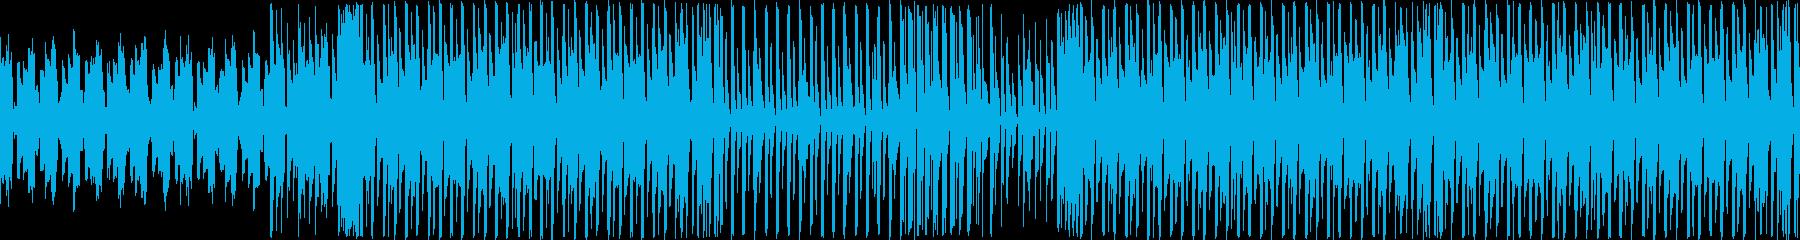 【ダンスなどのBGMにハウス系BGM】の再生済みの波形